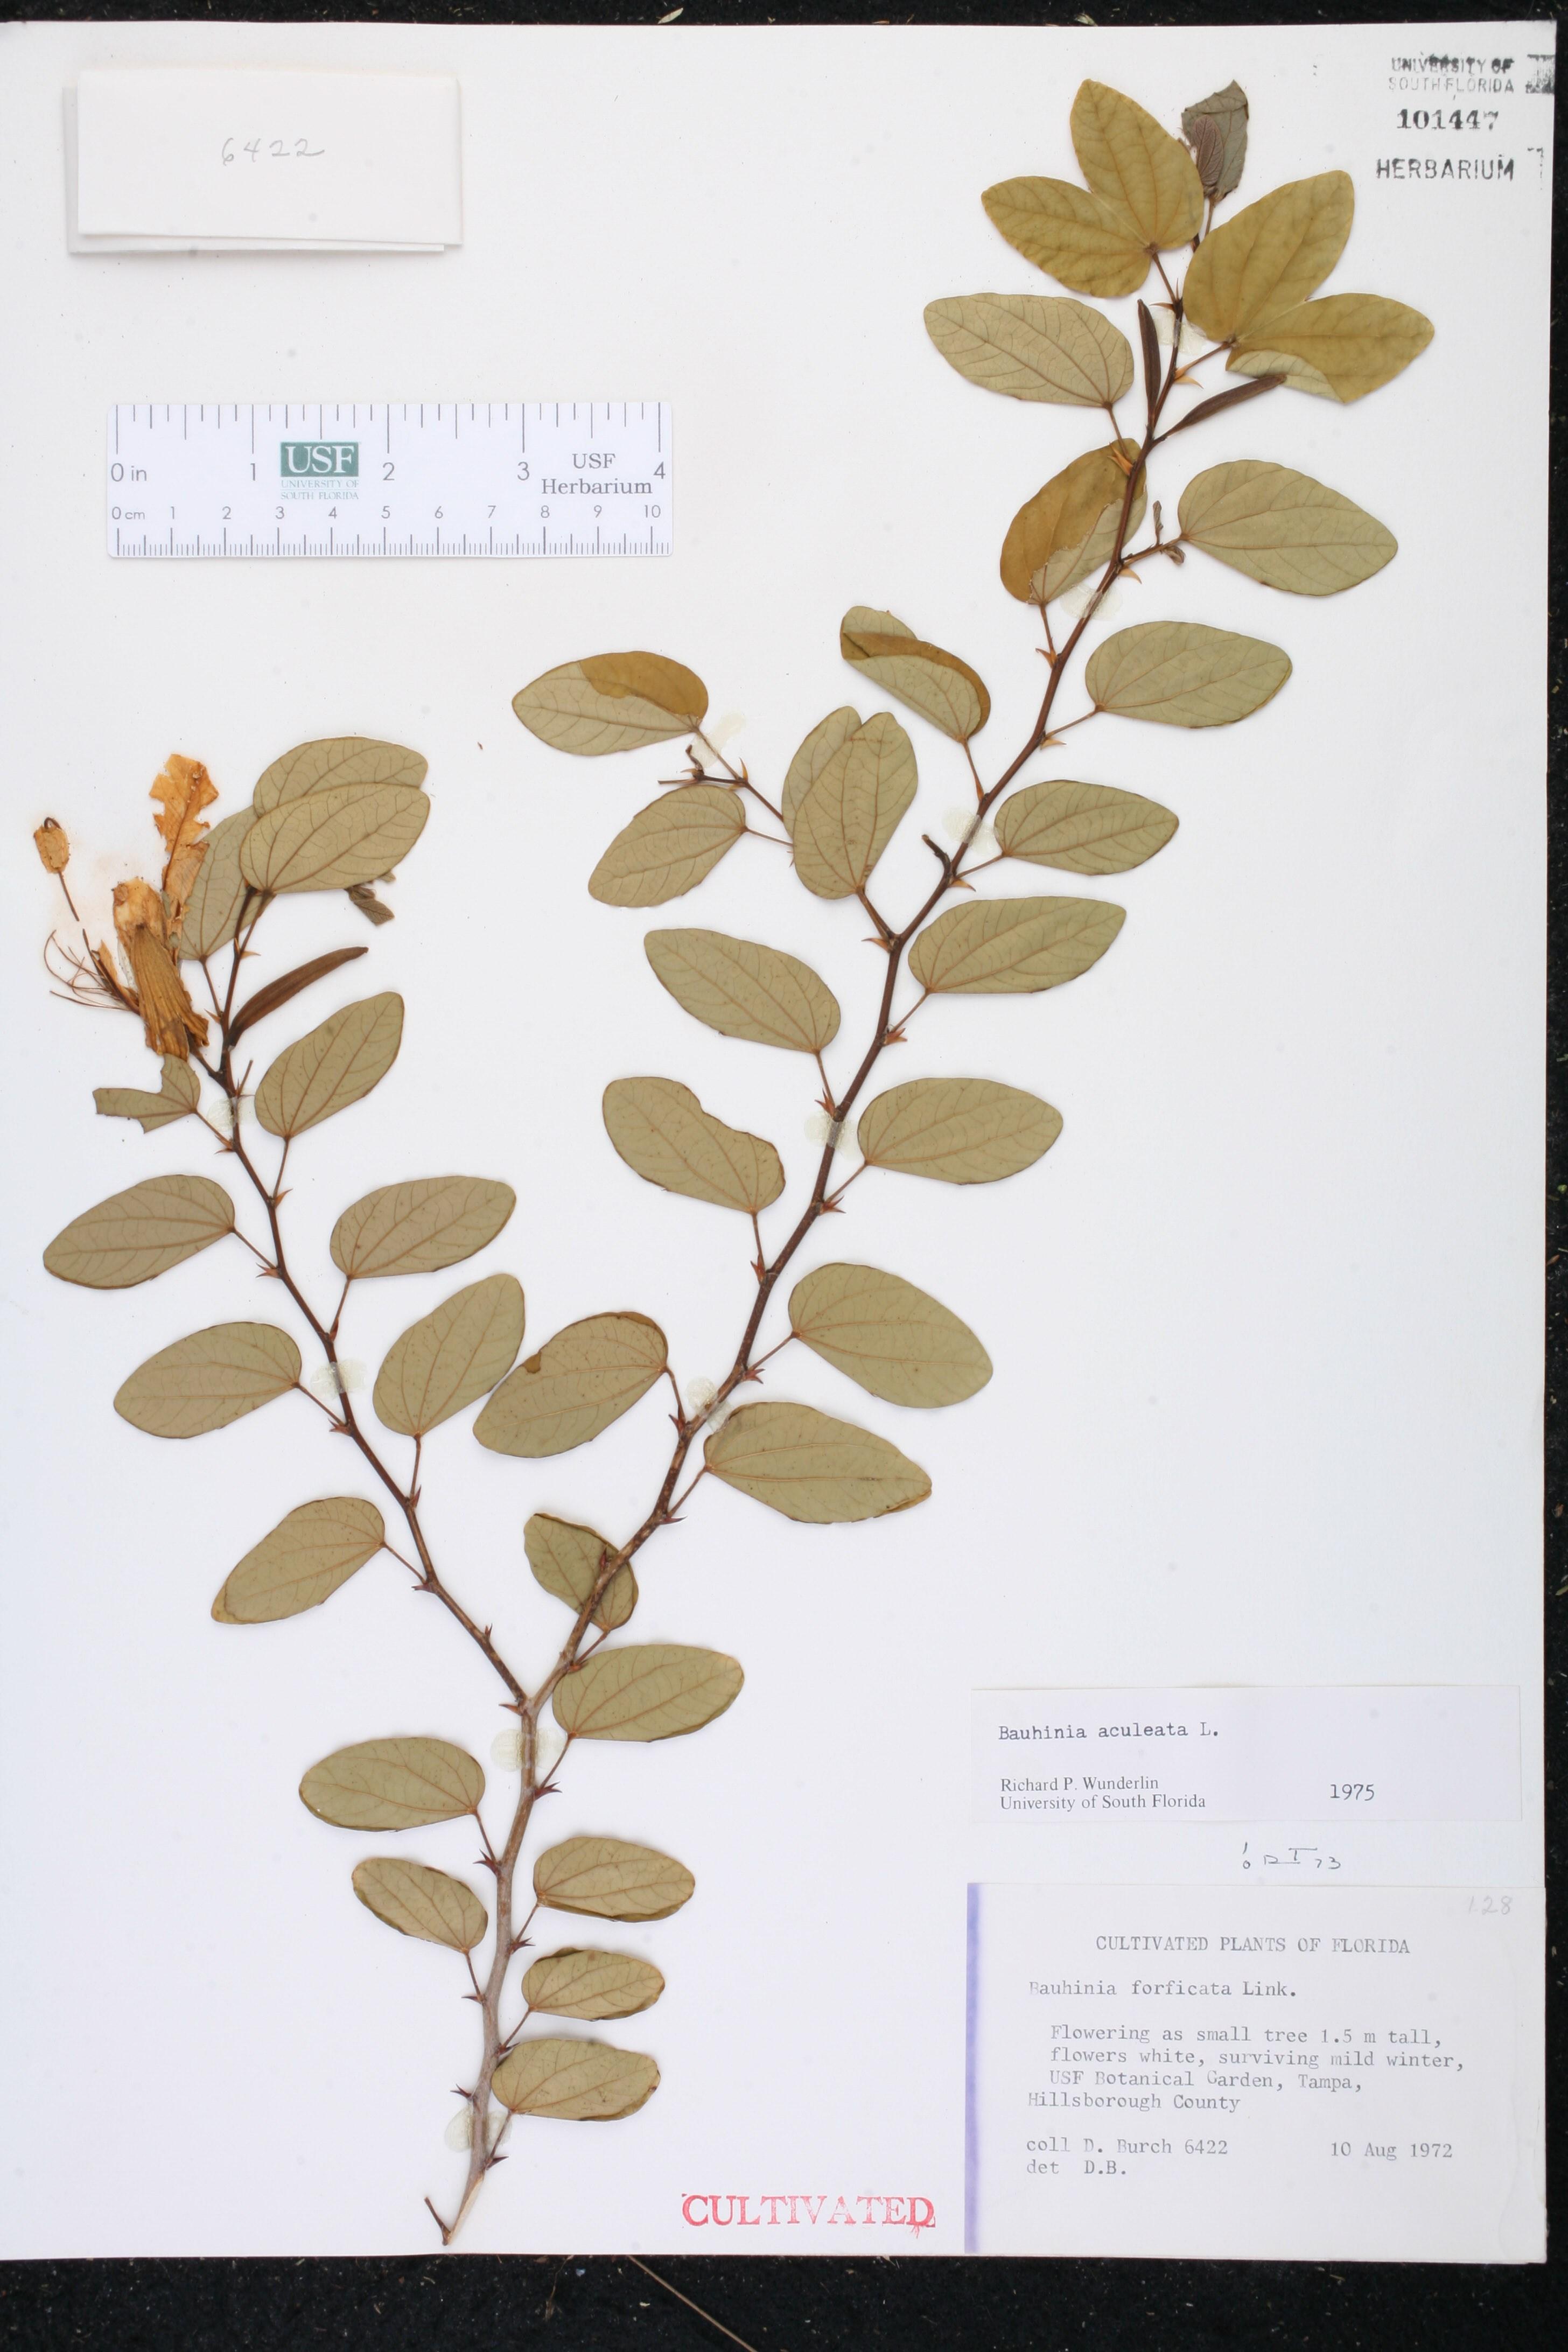 herbarium specimen details isb atlas of florida plants